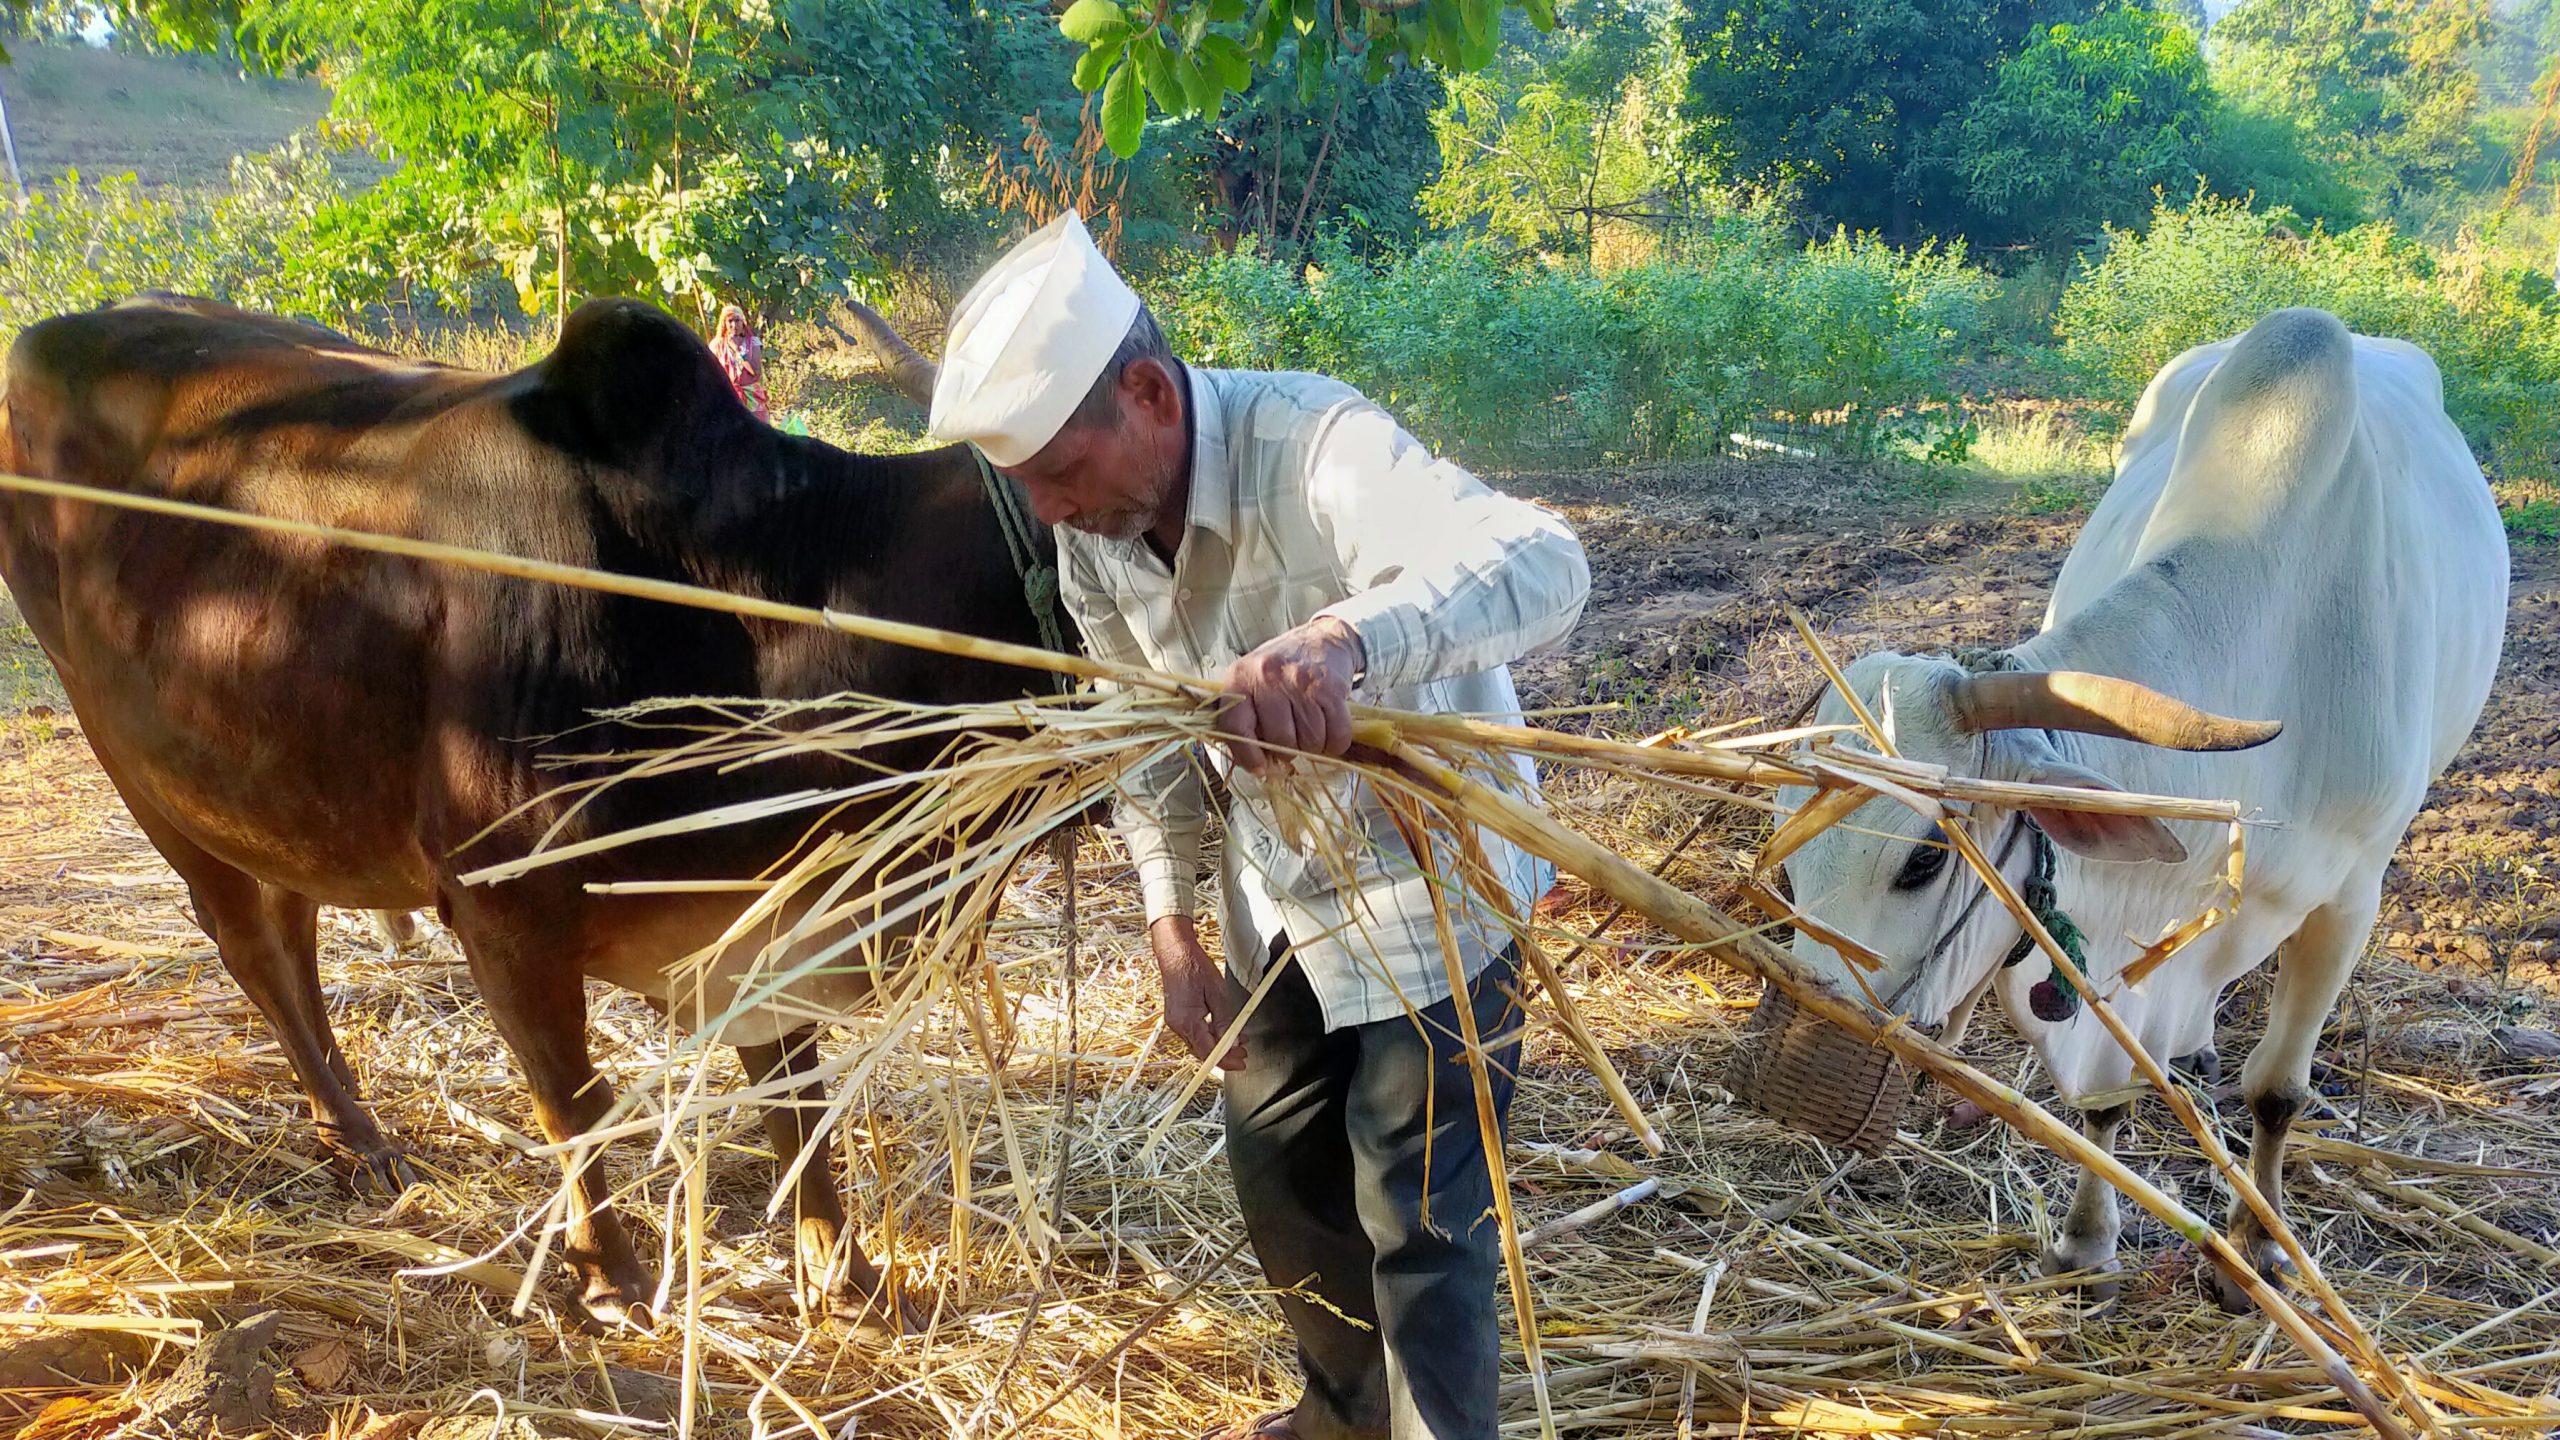 A farmer feeding his oxen